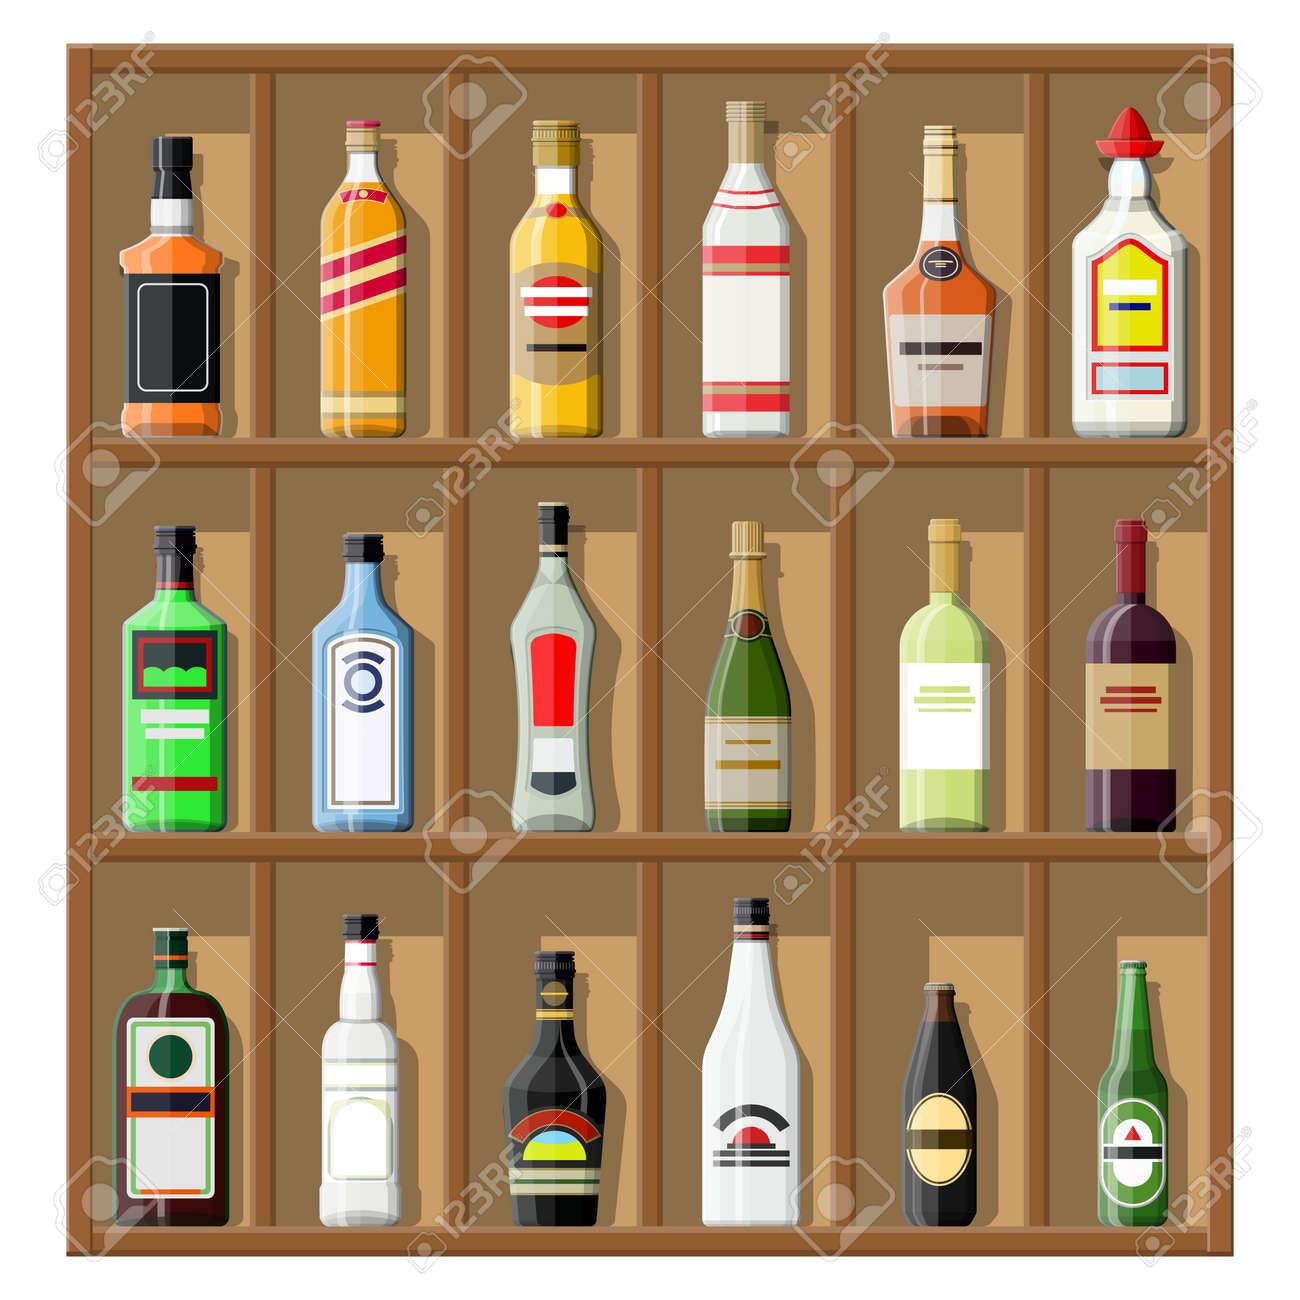 D'alcoolBouteilles Étagère De Clip Collection Art Sur Boissons Rcq35AL4j